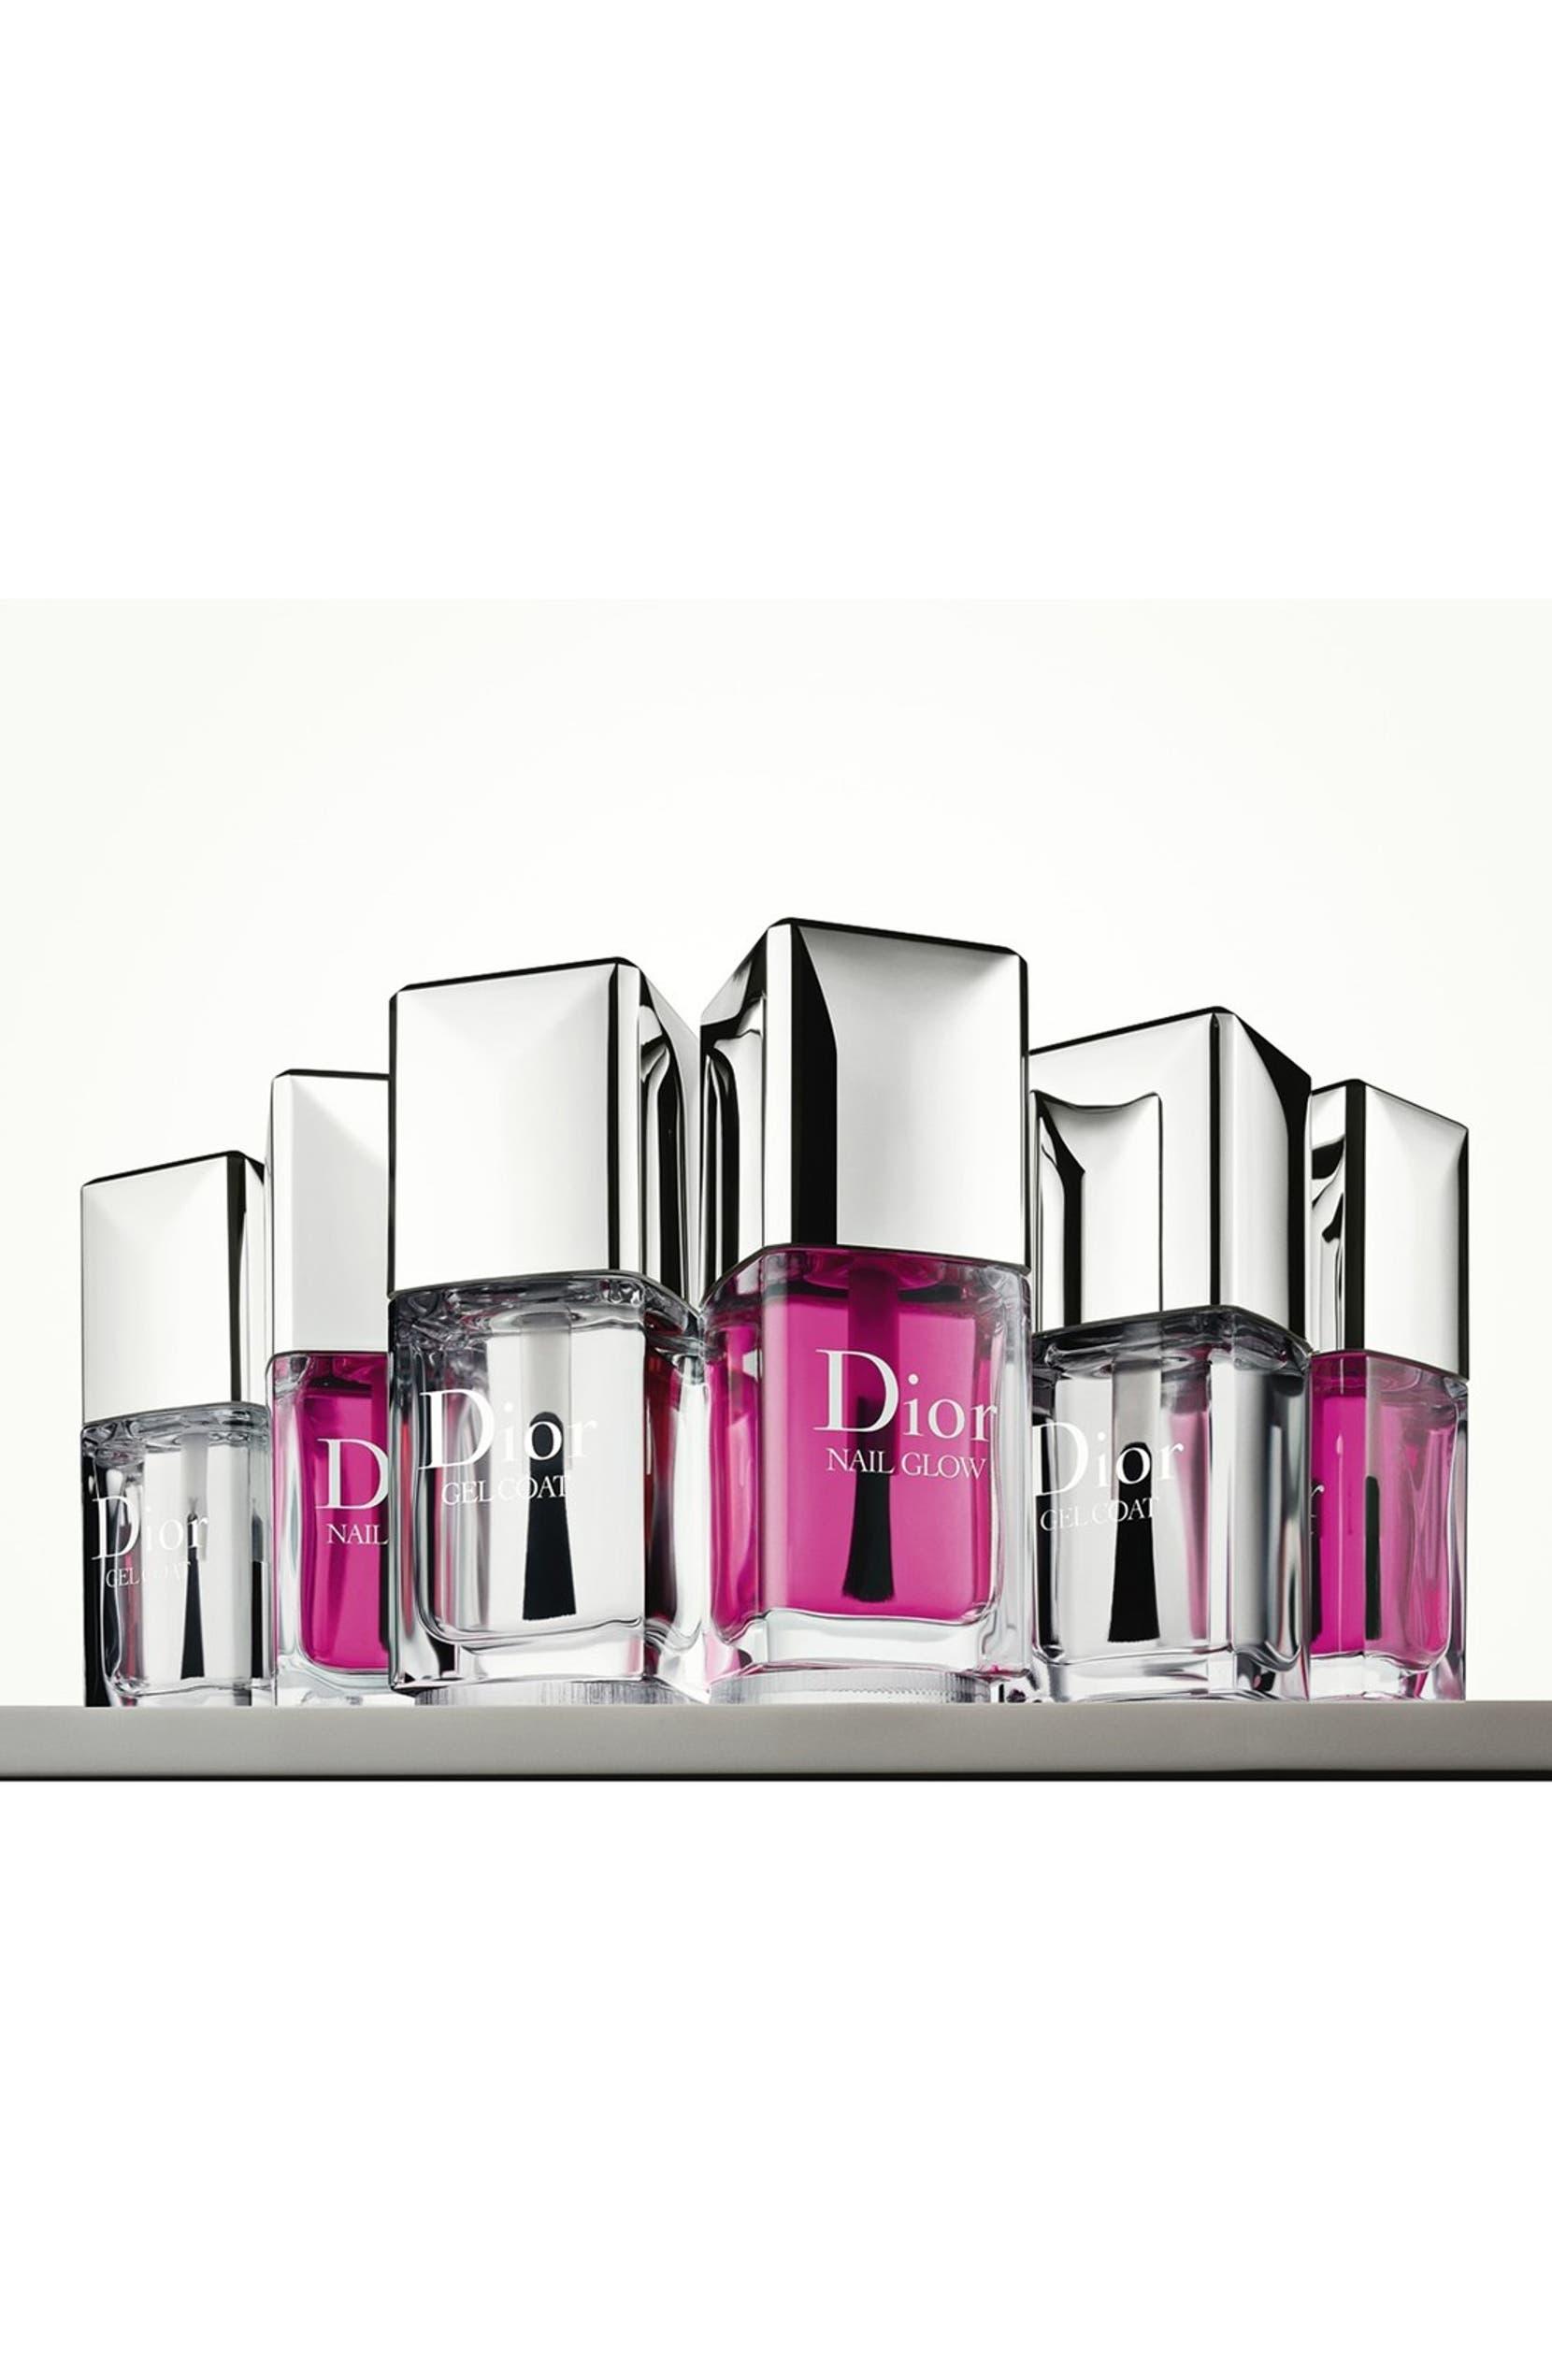 Dior Nail Glow Nail Enhancer | Nordstrom